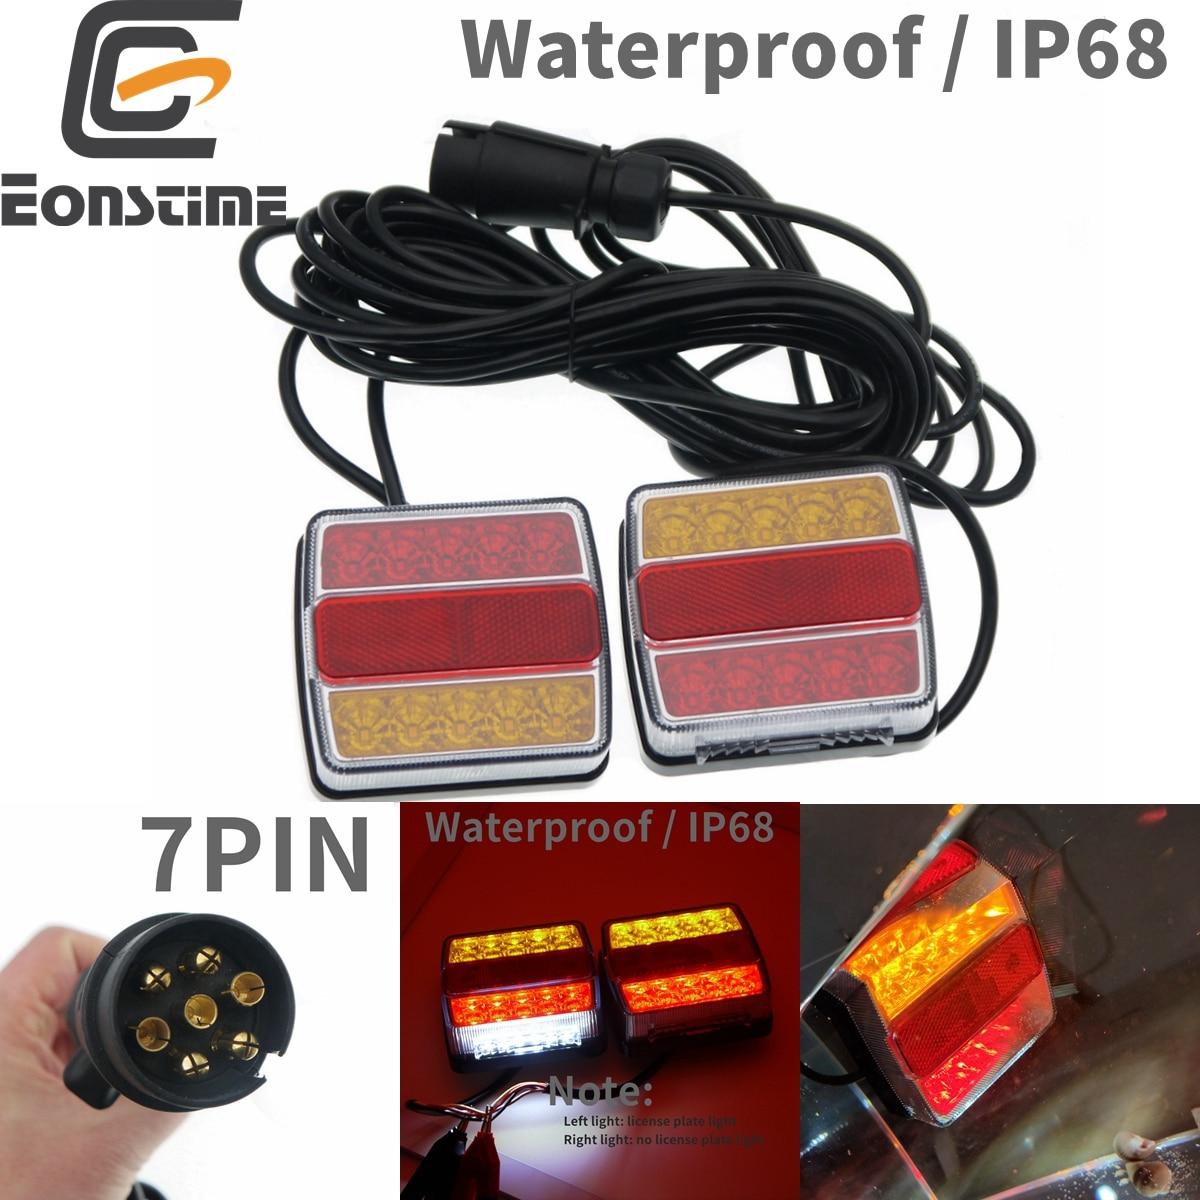 Eonstime 1 Set 12V 10m 10 LED Trailer Light Kit Tail Light Trailer Lights License Plate Light Lamp High Quality Waterproof IP68